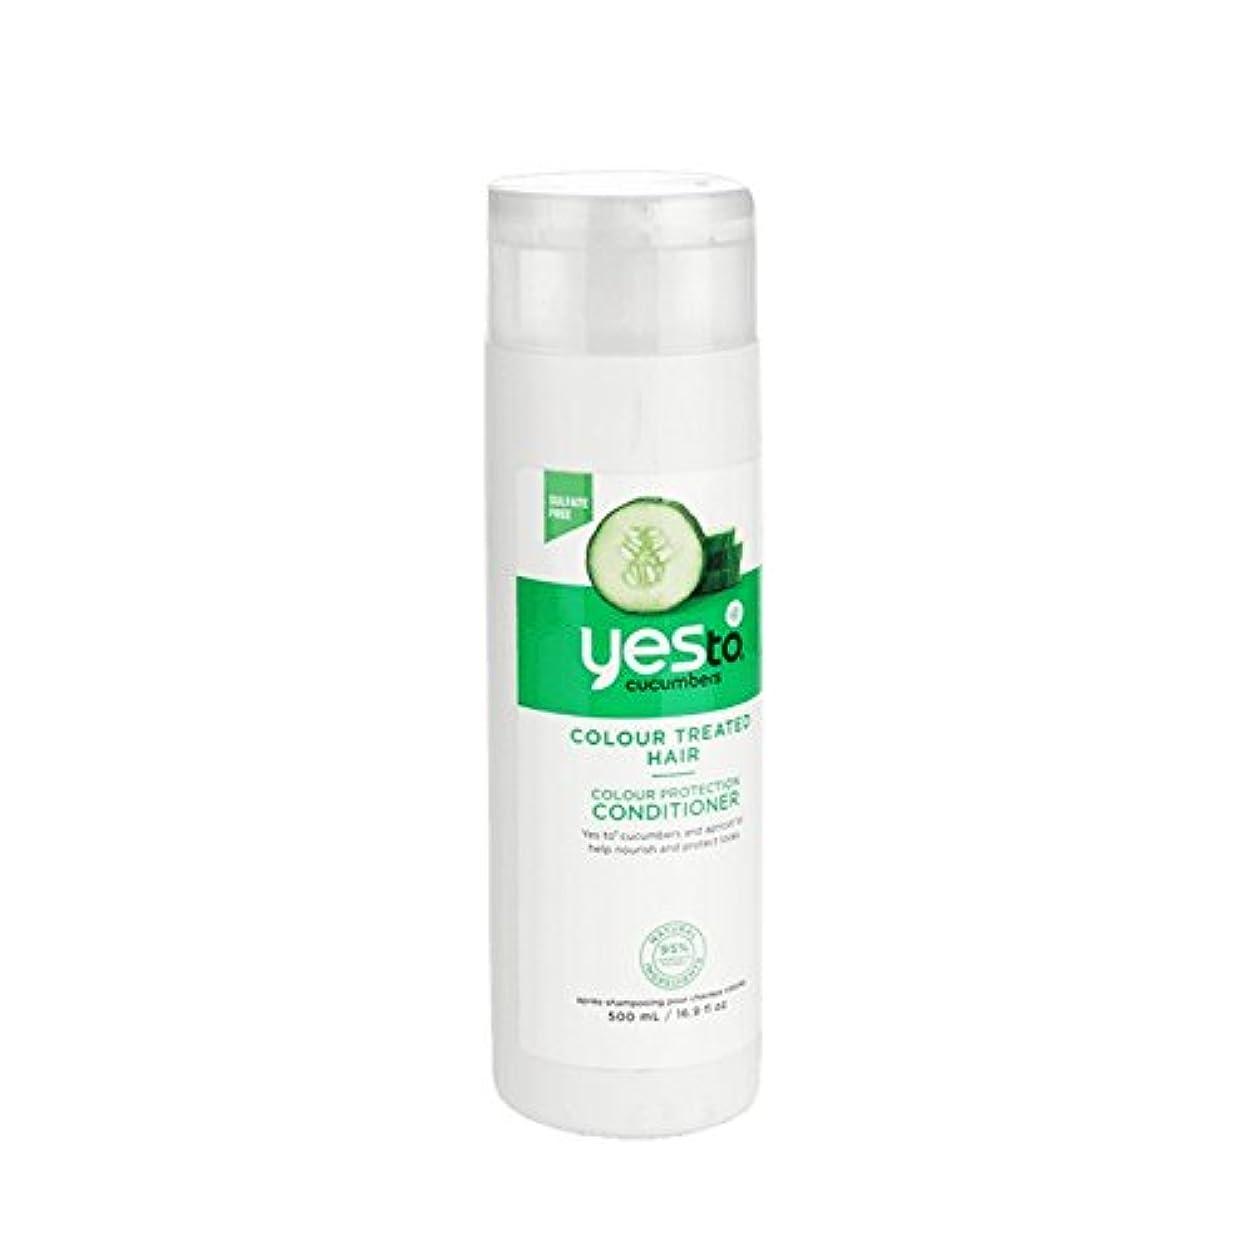 音声ユダヤ人相互接続Yes To Cucumbers Colour Protection Conditioner 500ml (Pack of 6) - はいキュウリの色の保護コンディショナー500ミリリットルへ (x6) [並行輸入品]